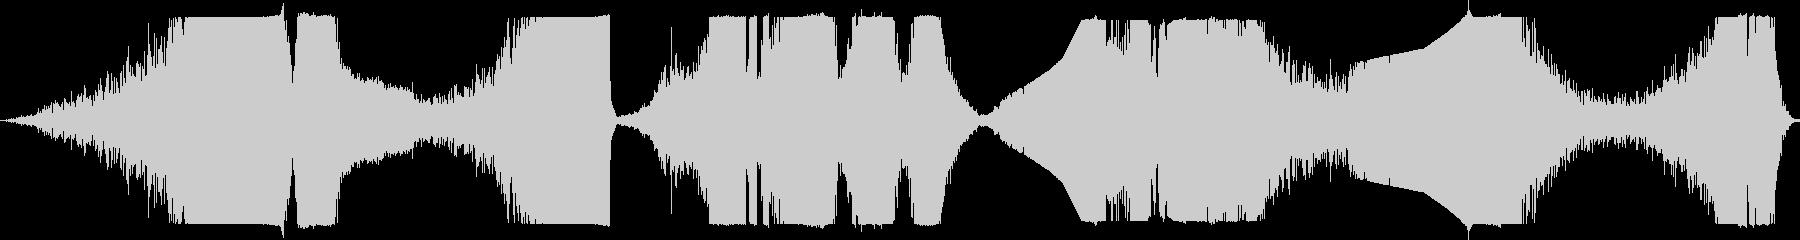 リバースランブル、ヘビーヒット、エ...の未再生の波形